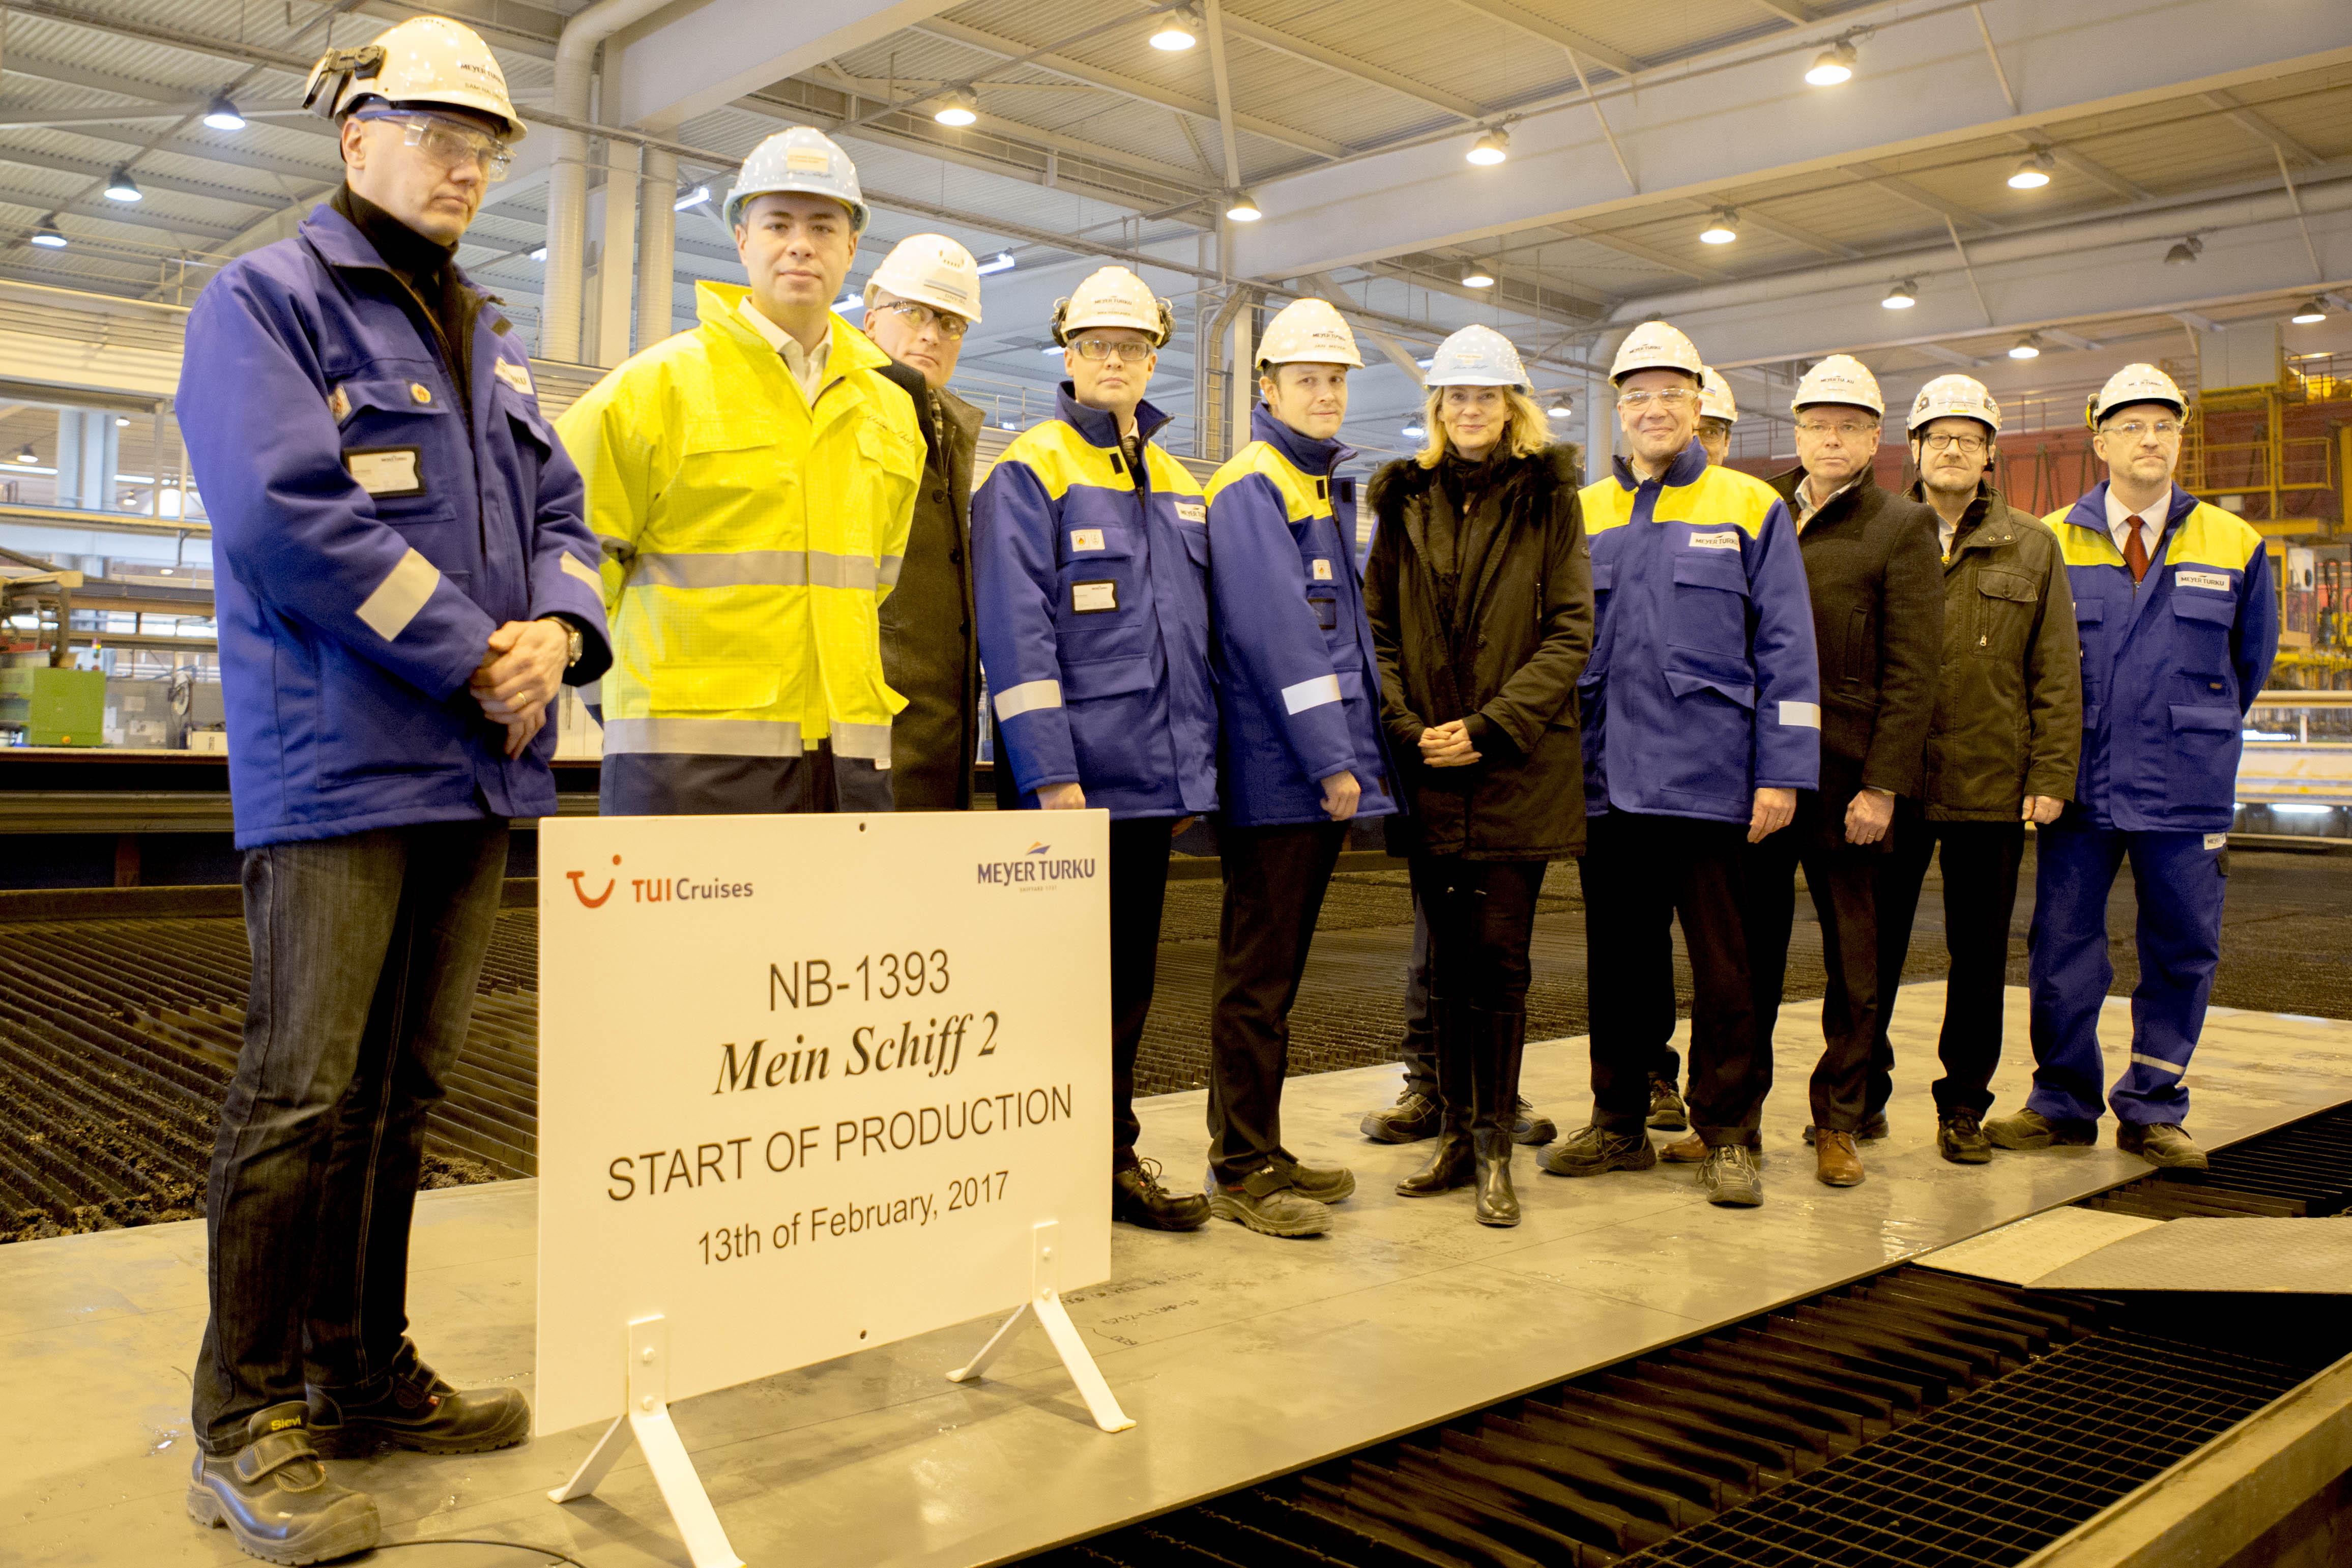 Offizieller Baustart der neuen Mein Schiff 2 von TUI Cruises